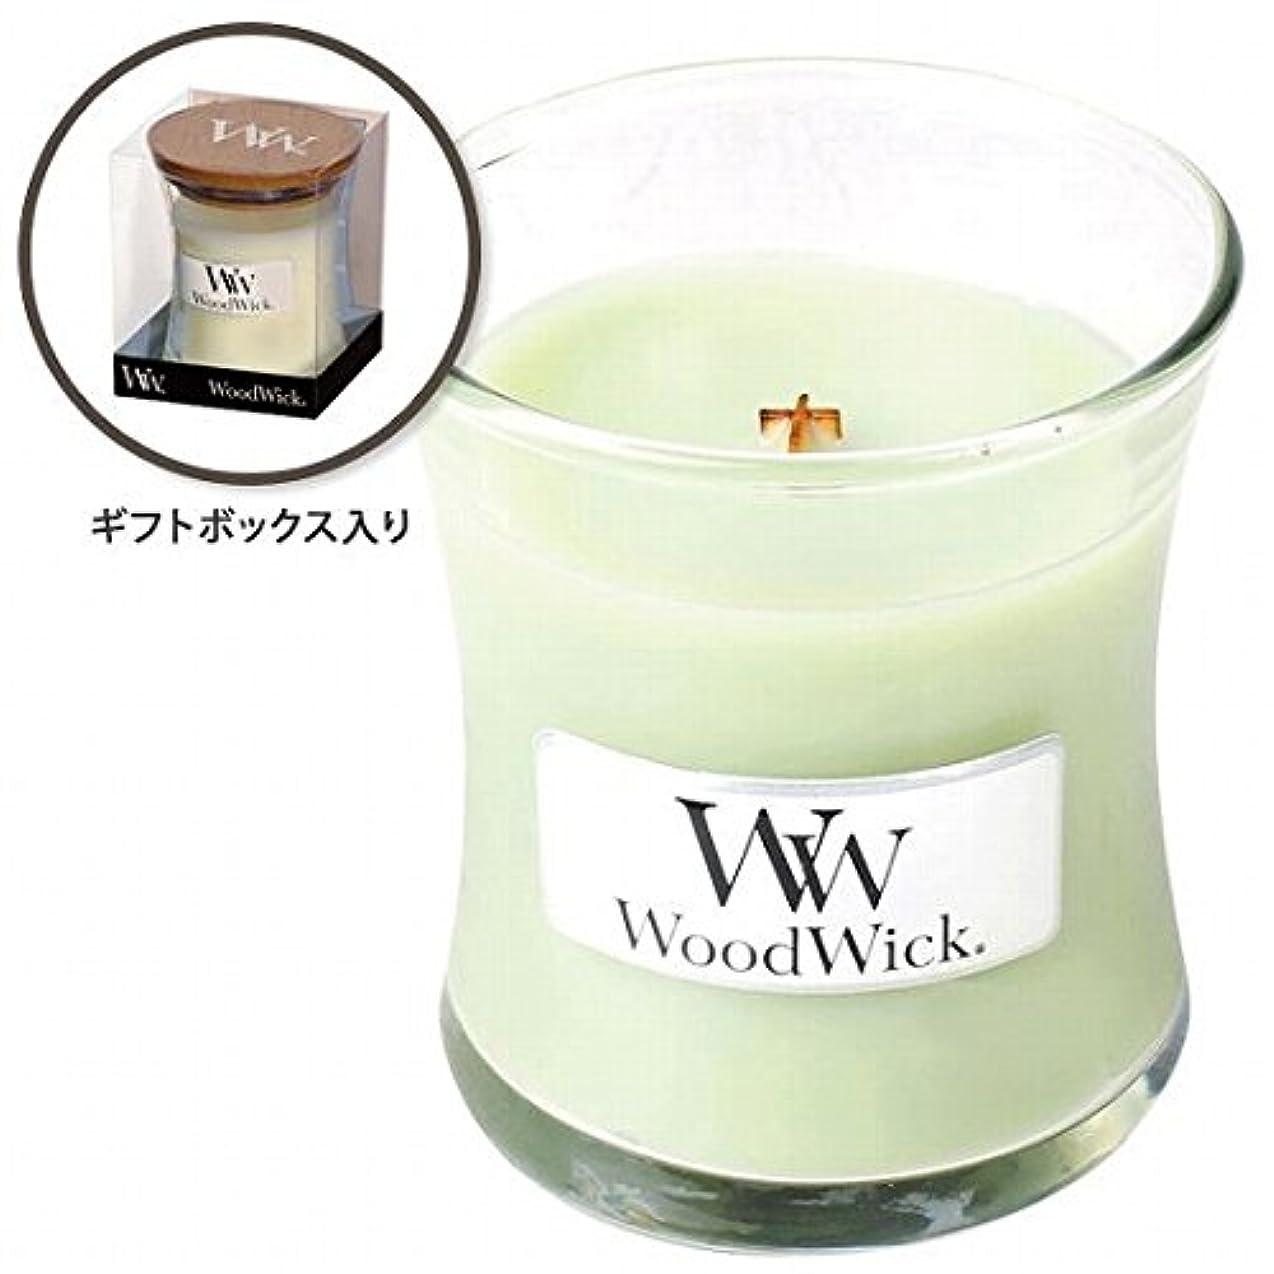 十代代表団振り向くWoodWick(ウッドウィック) Wood WickジャーS 「ライムジェラート」(W9000561)